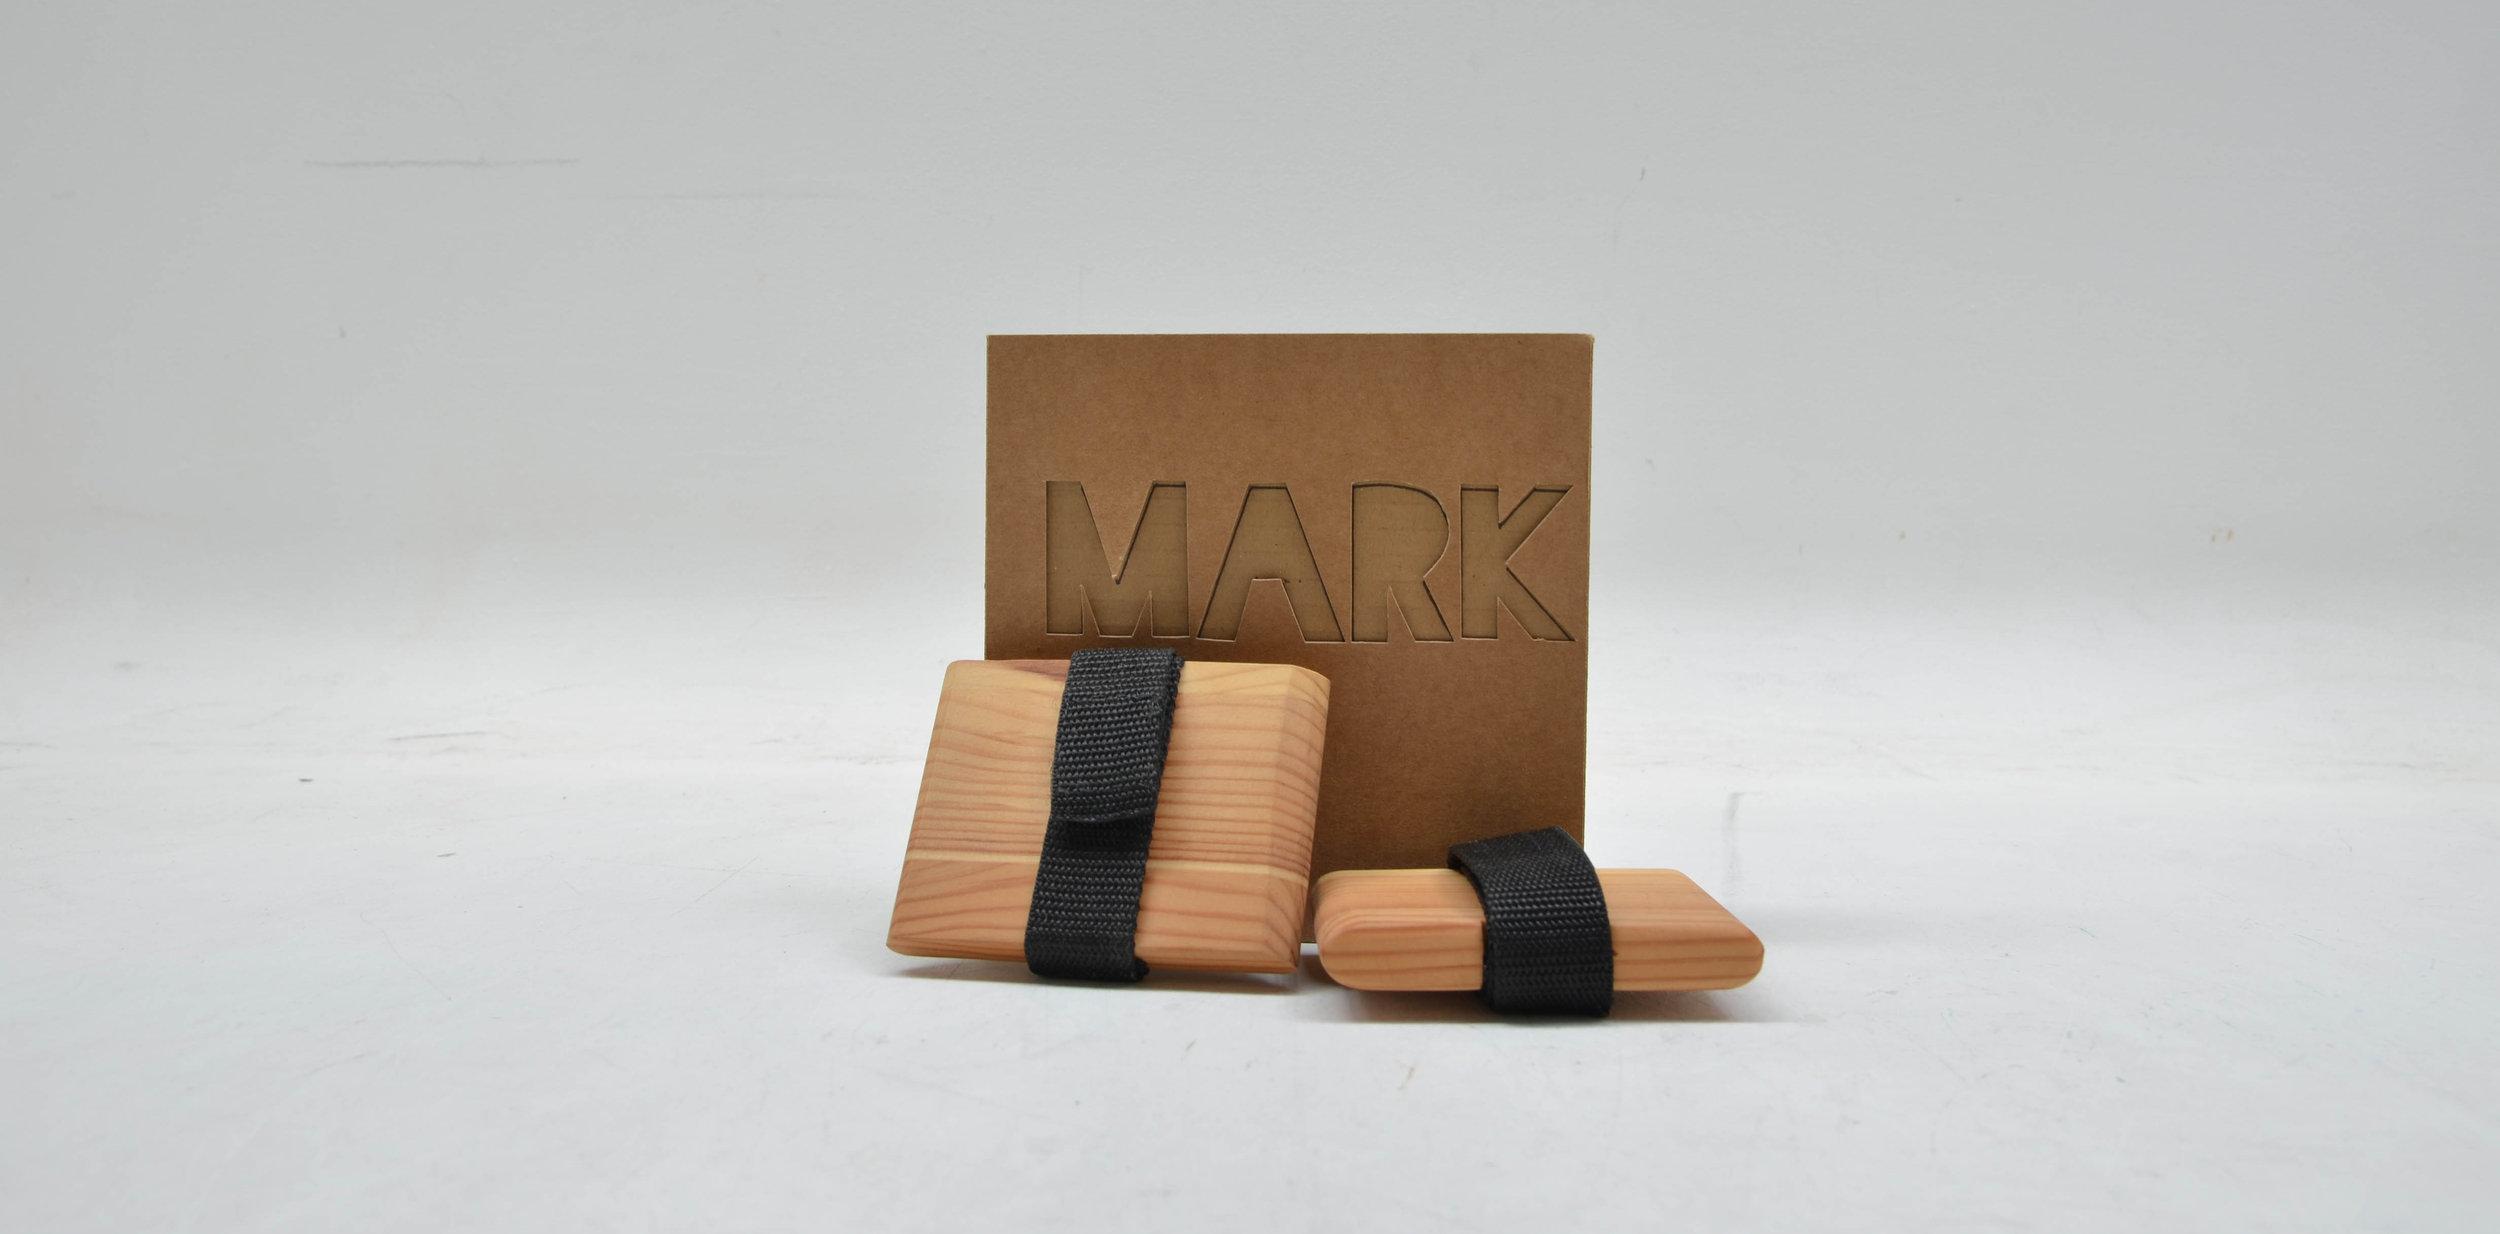 toMARK-1.jpg